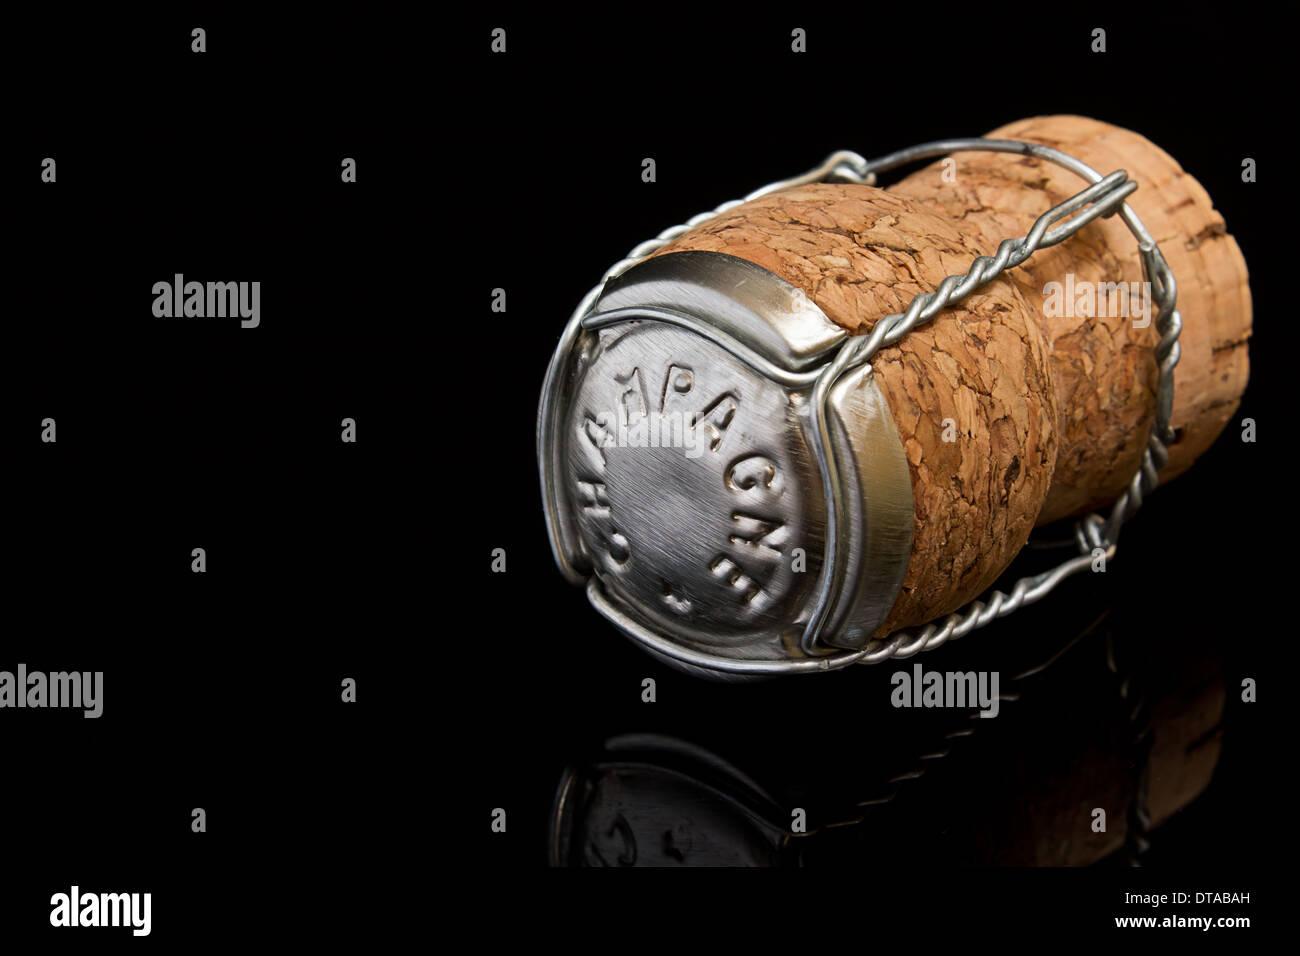 Champagner Cork ein großes Symbol für die high Society oder Konzept für Prestige oder Oberschicht status Stockbild